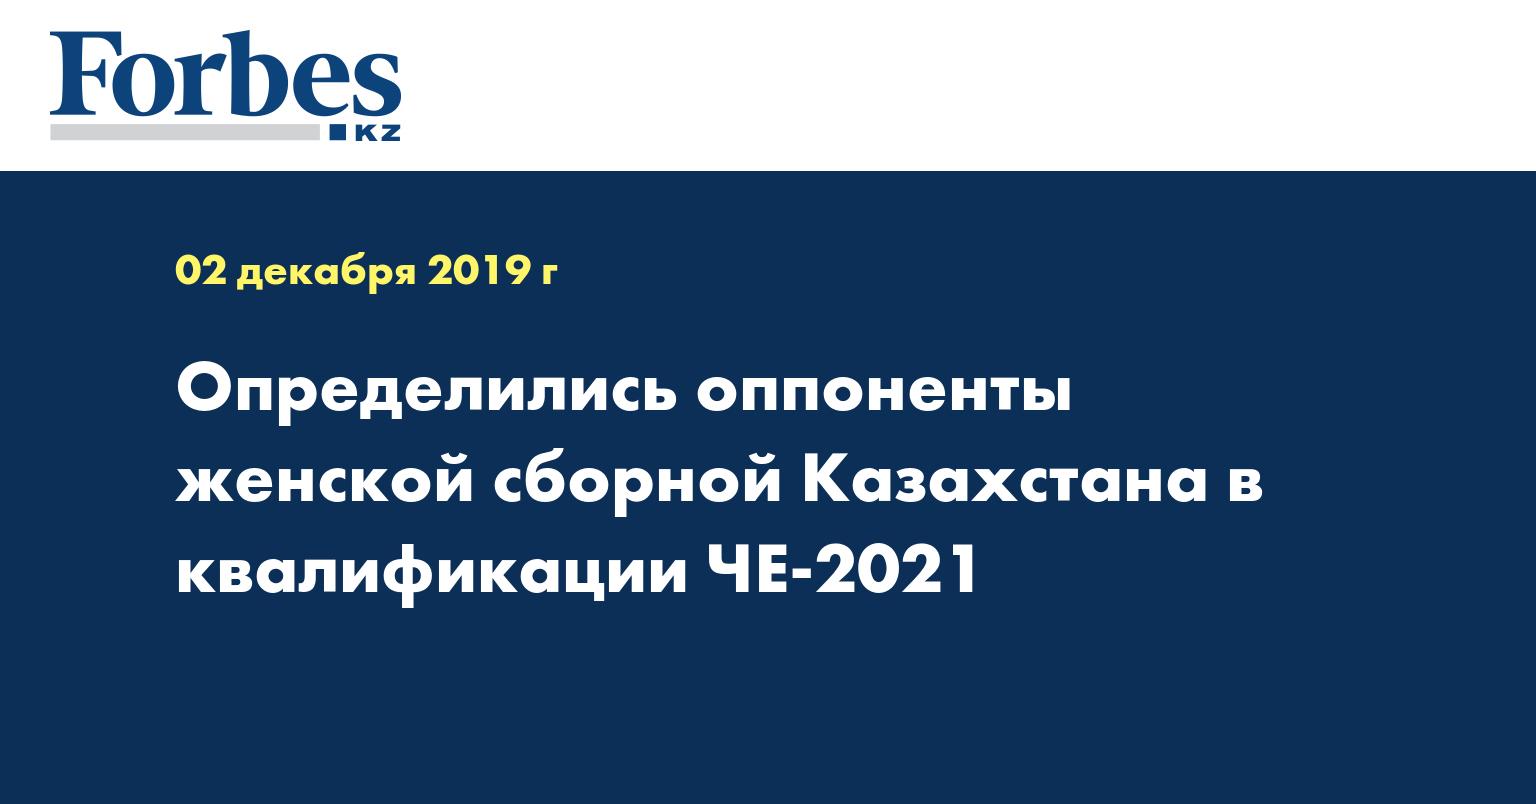 Определились оппоненты женской сборной Казахстана в квалификации ЧЕ-2021